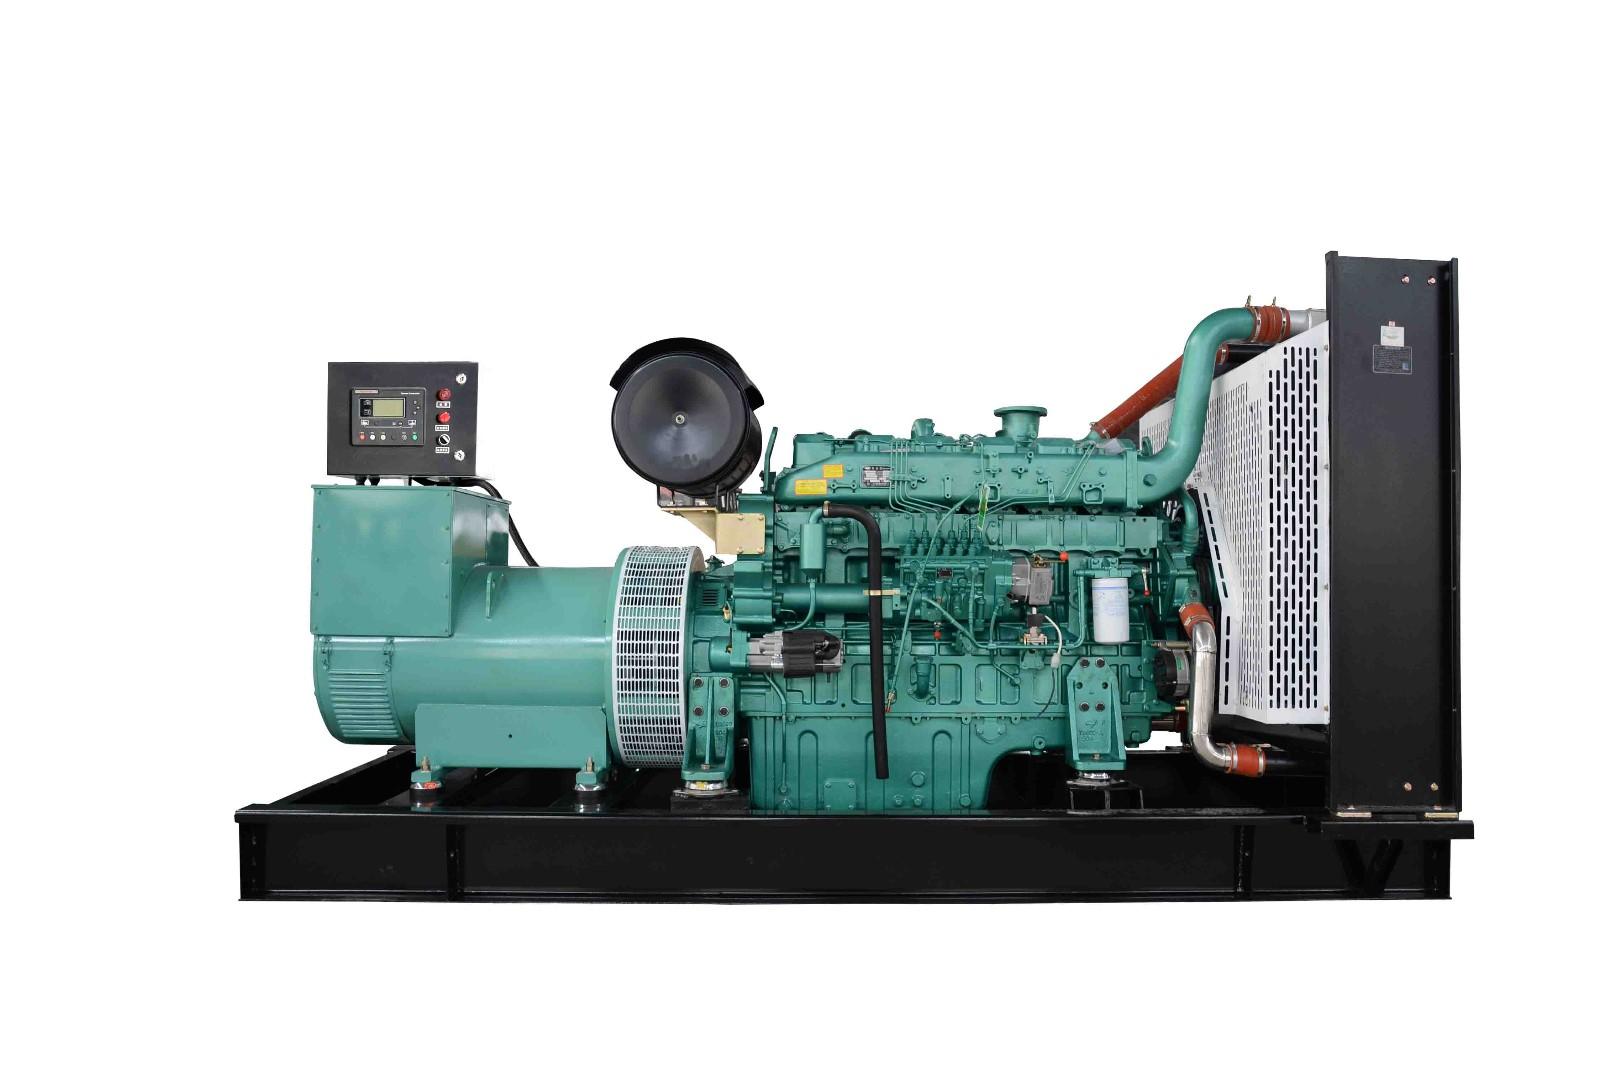 我们引荐400KW玉柴发电机厂家重磅优惠来袭 正宗150kw柴油发电机价钱效劳商 上柴发电机